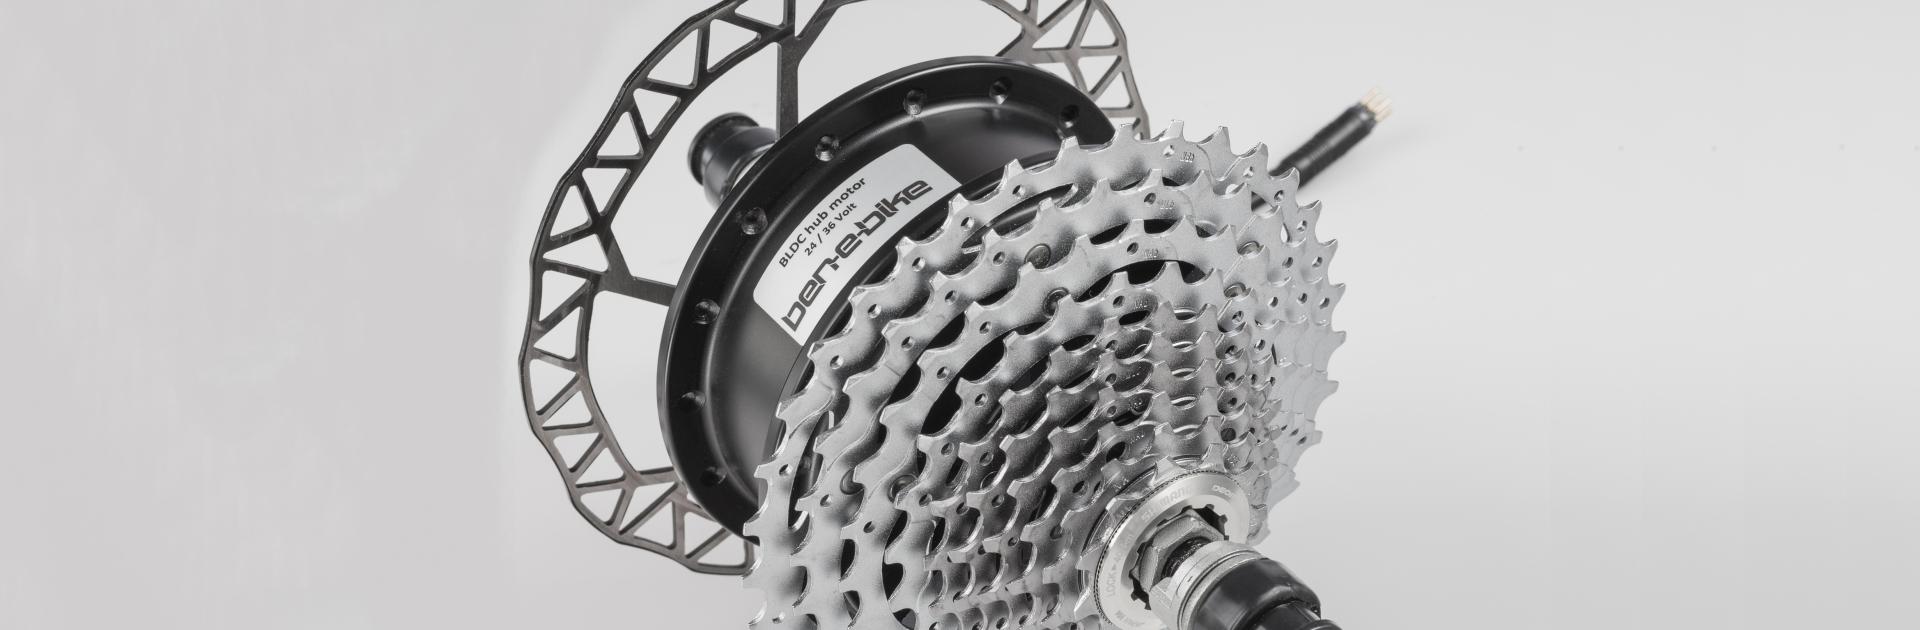 BEB Hub Motor